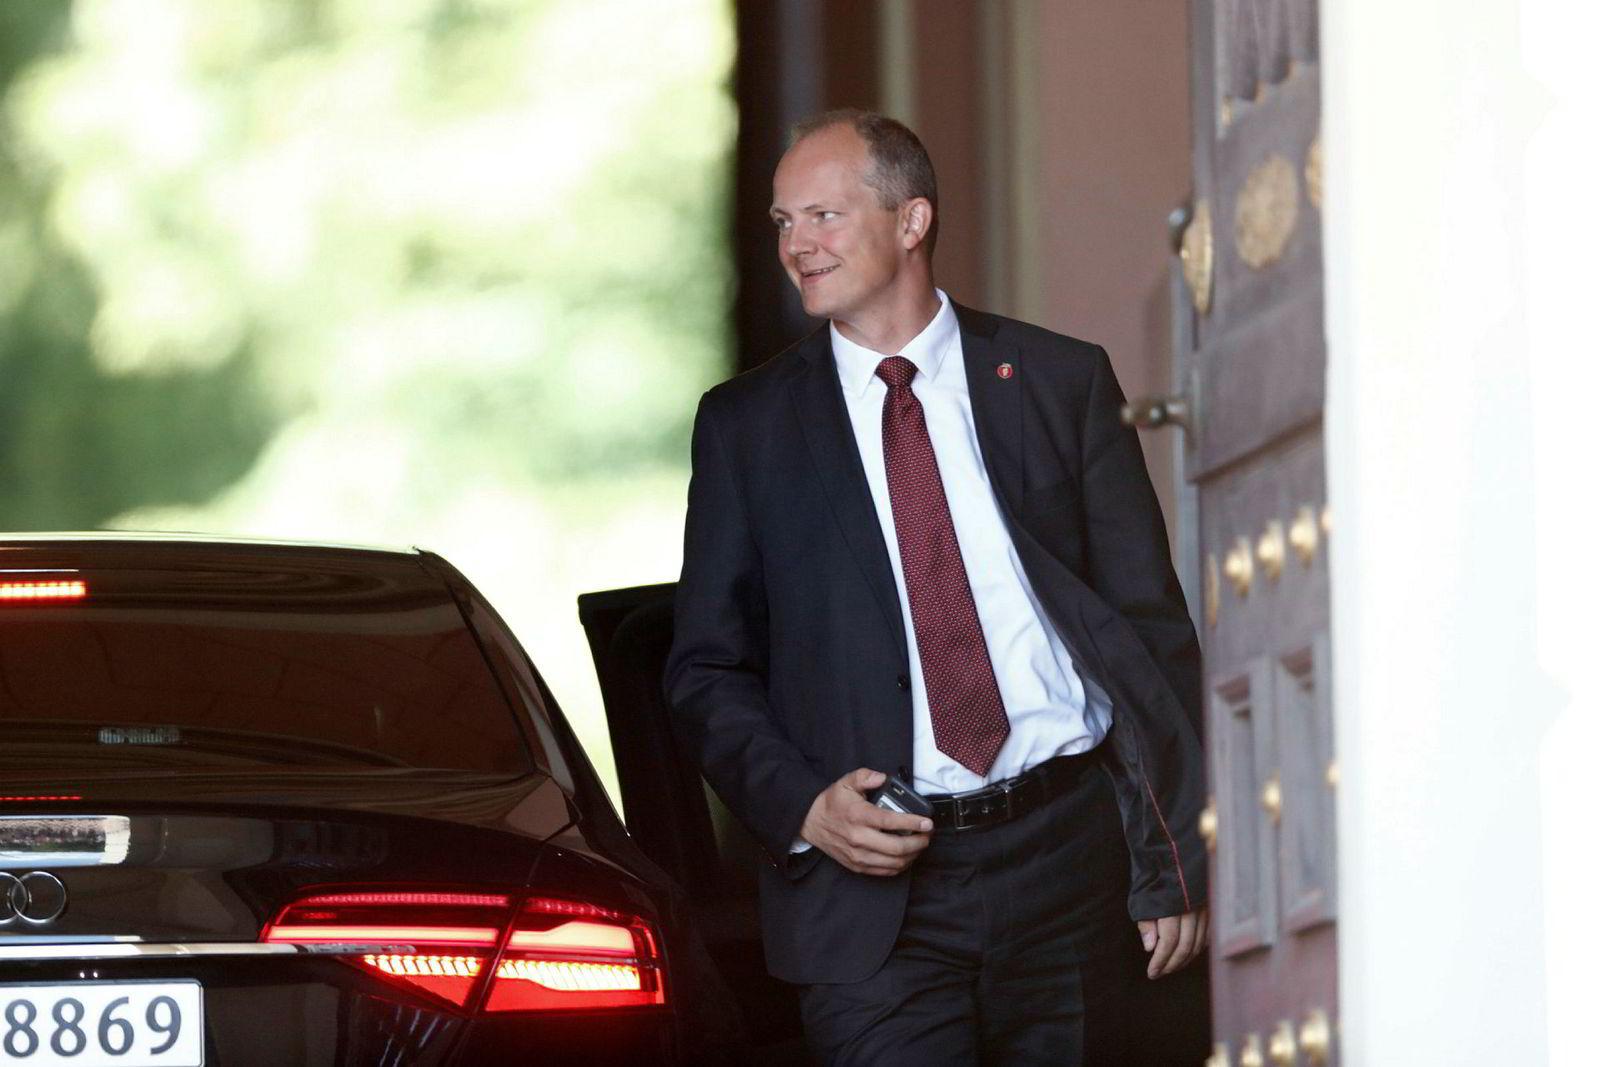 Samferdselsminister Ketil Solvik-Olsen ankommer ekstraordinært statsråd på Slottet mandag. Han tok med seg jobb-telefonen til Russland.